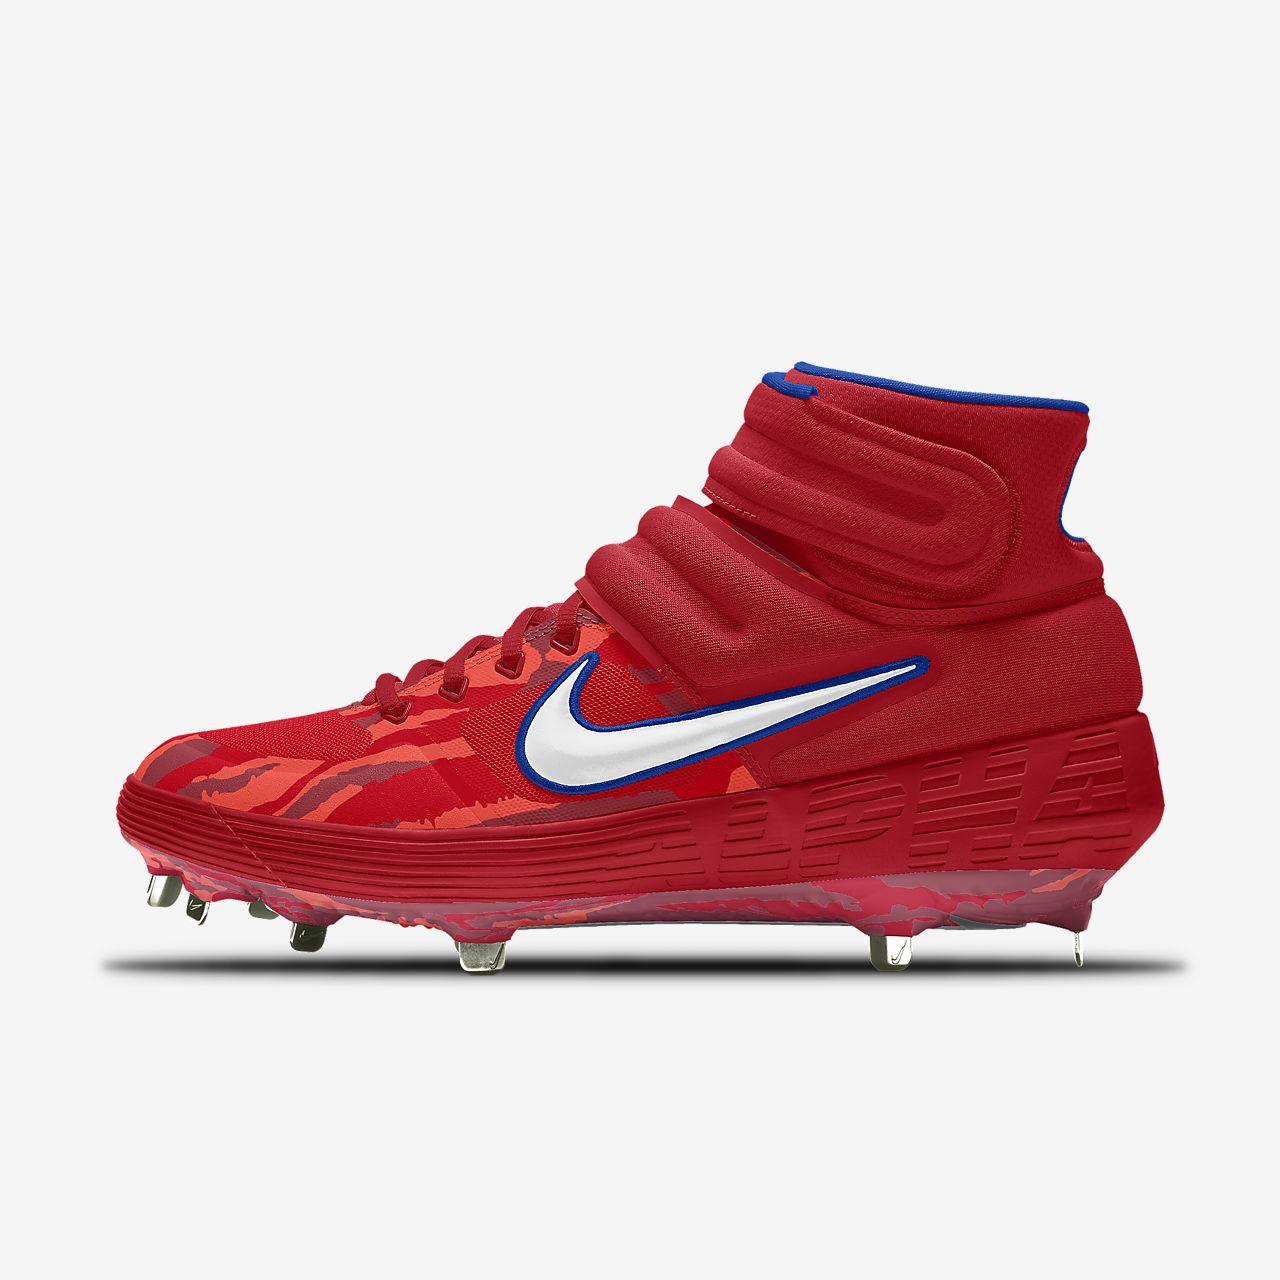 Nike Alpha Huarache Elite 2 Mid Metal Premium By You Custom Baseball Cleat